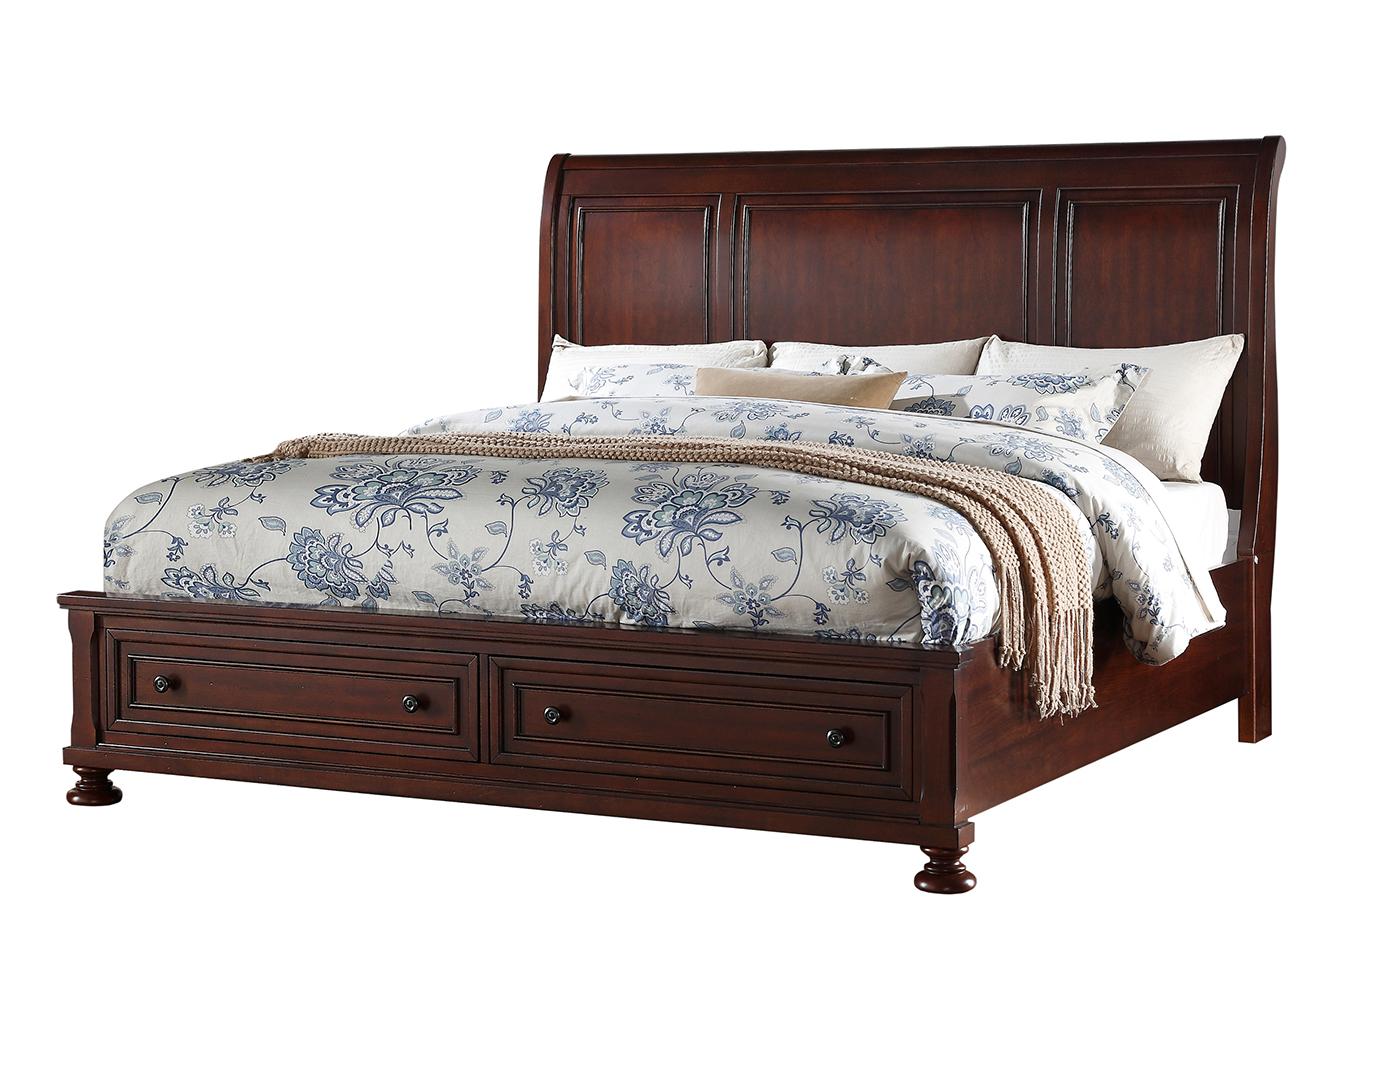 Steinhafels Direct Designs Cora King Storage Bed